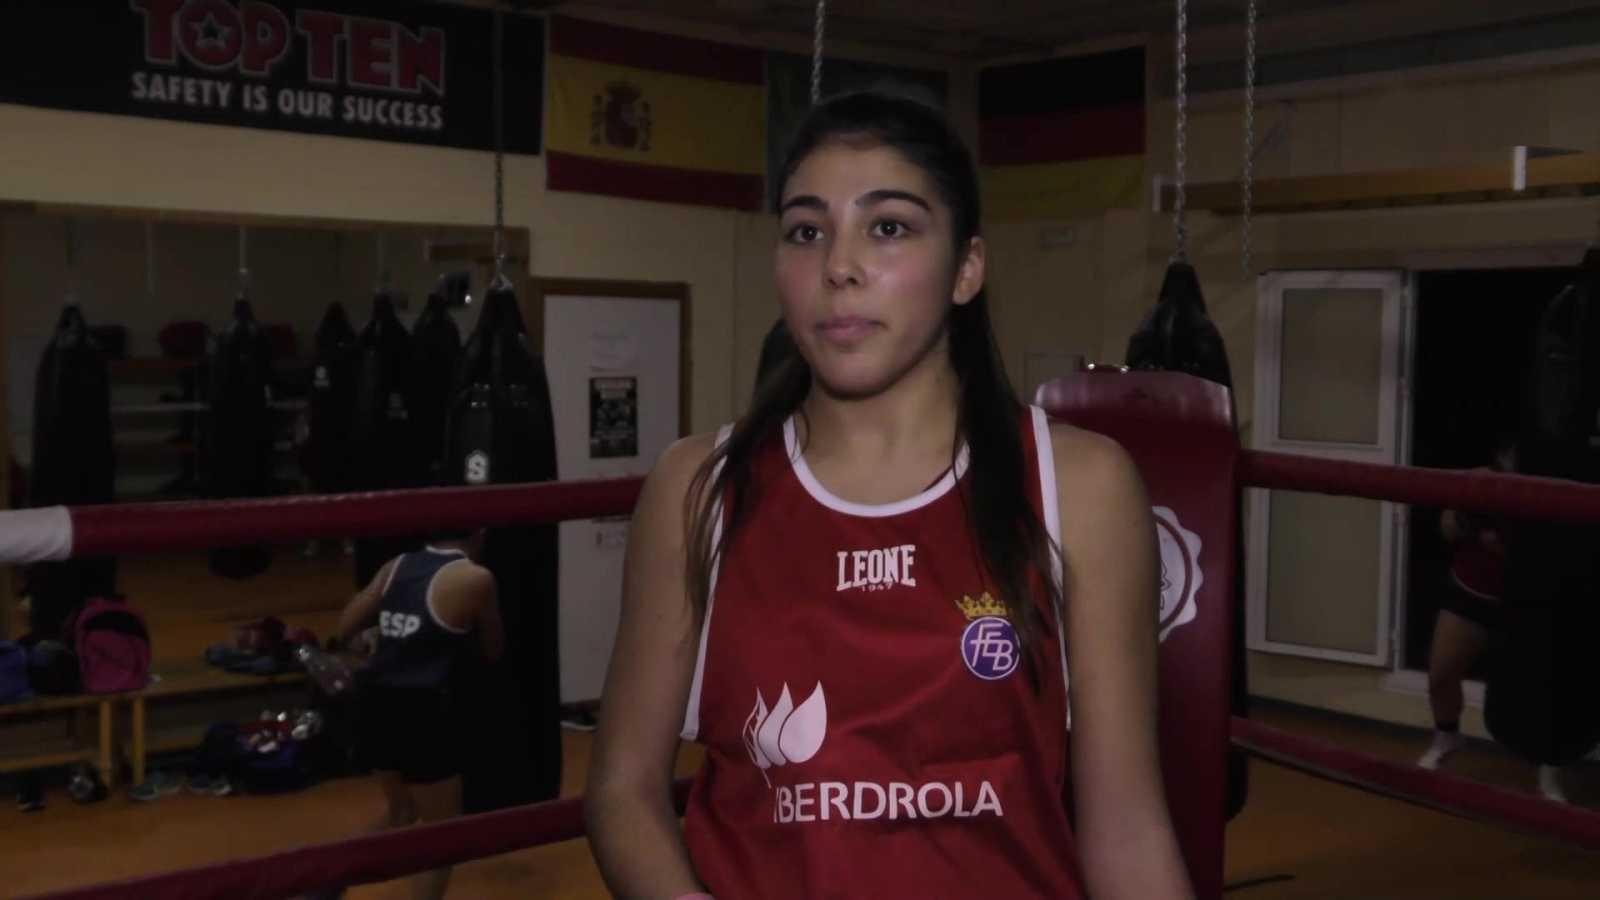 """Boxeo - Documental Mujer y Deporte """"El impulso hacia el futuro"""" - ver ahora"""